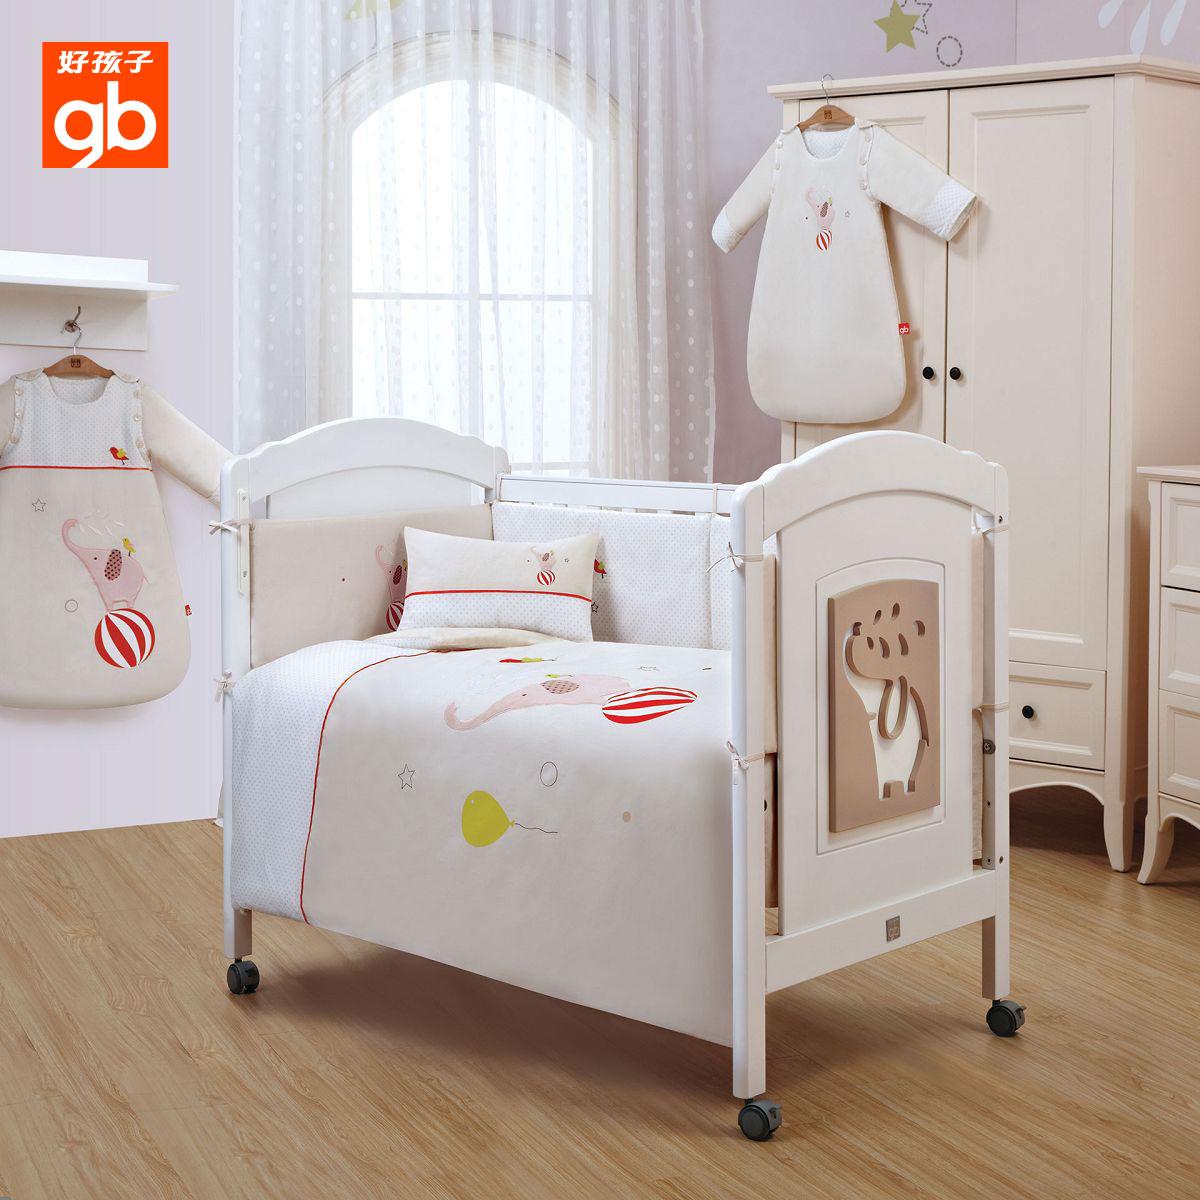 規格品のいい子goodbaby赤ちゃん寝具寝具綿活性プリントFZ720九点セット